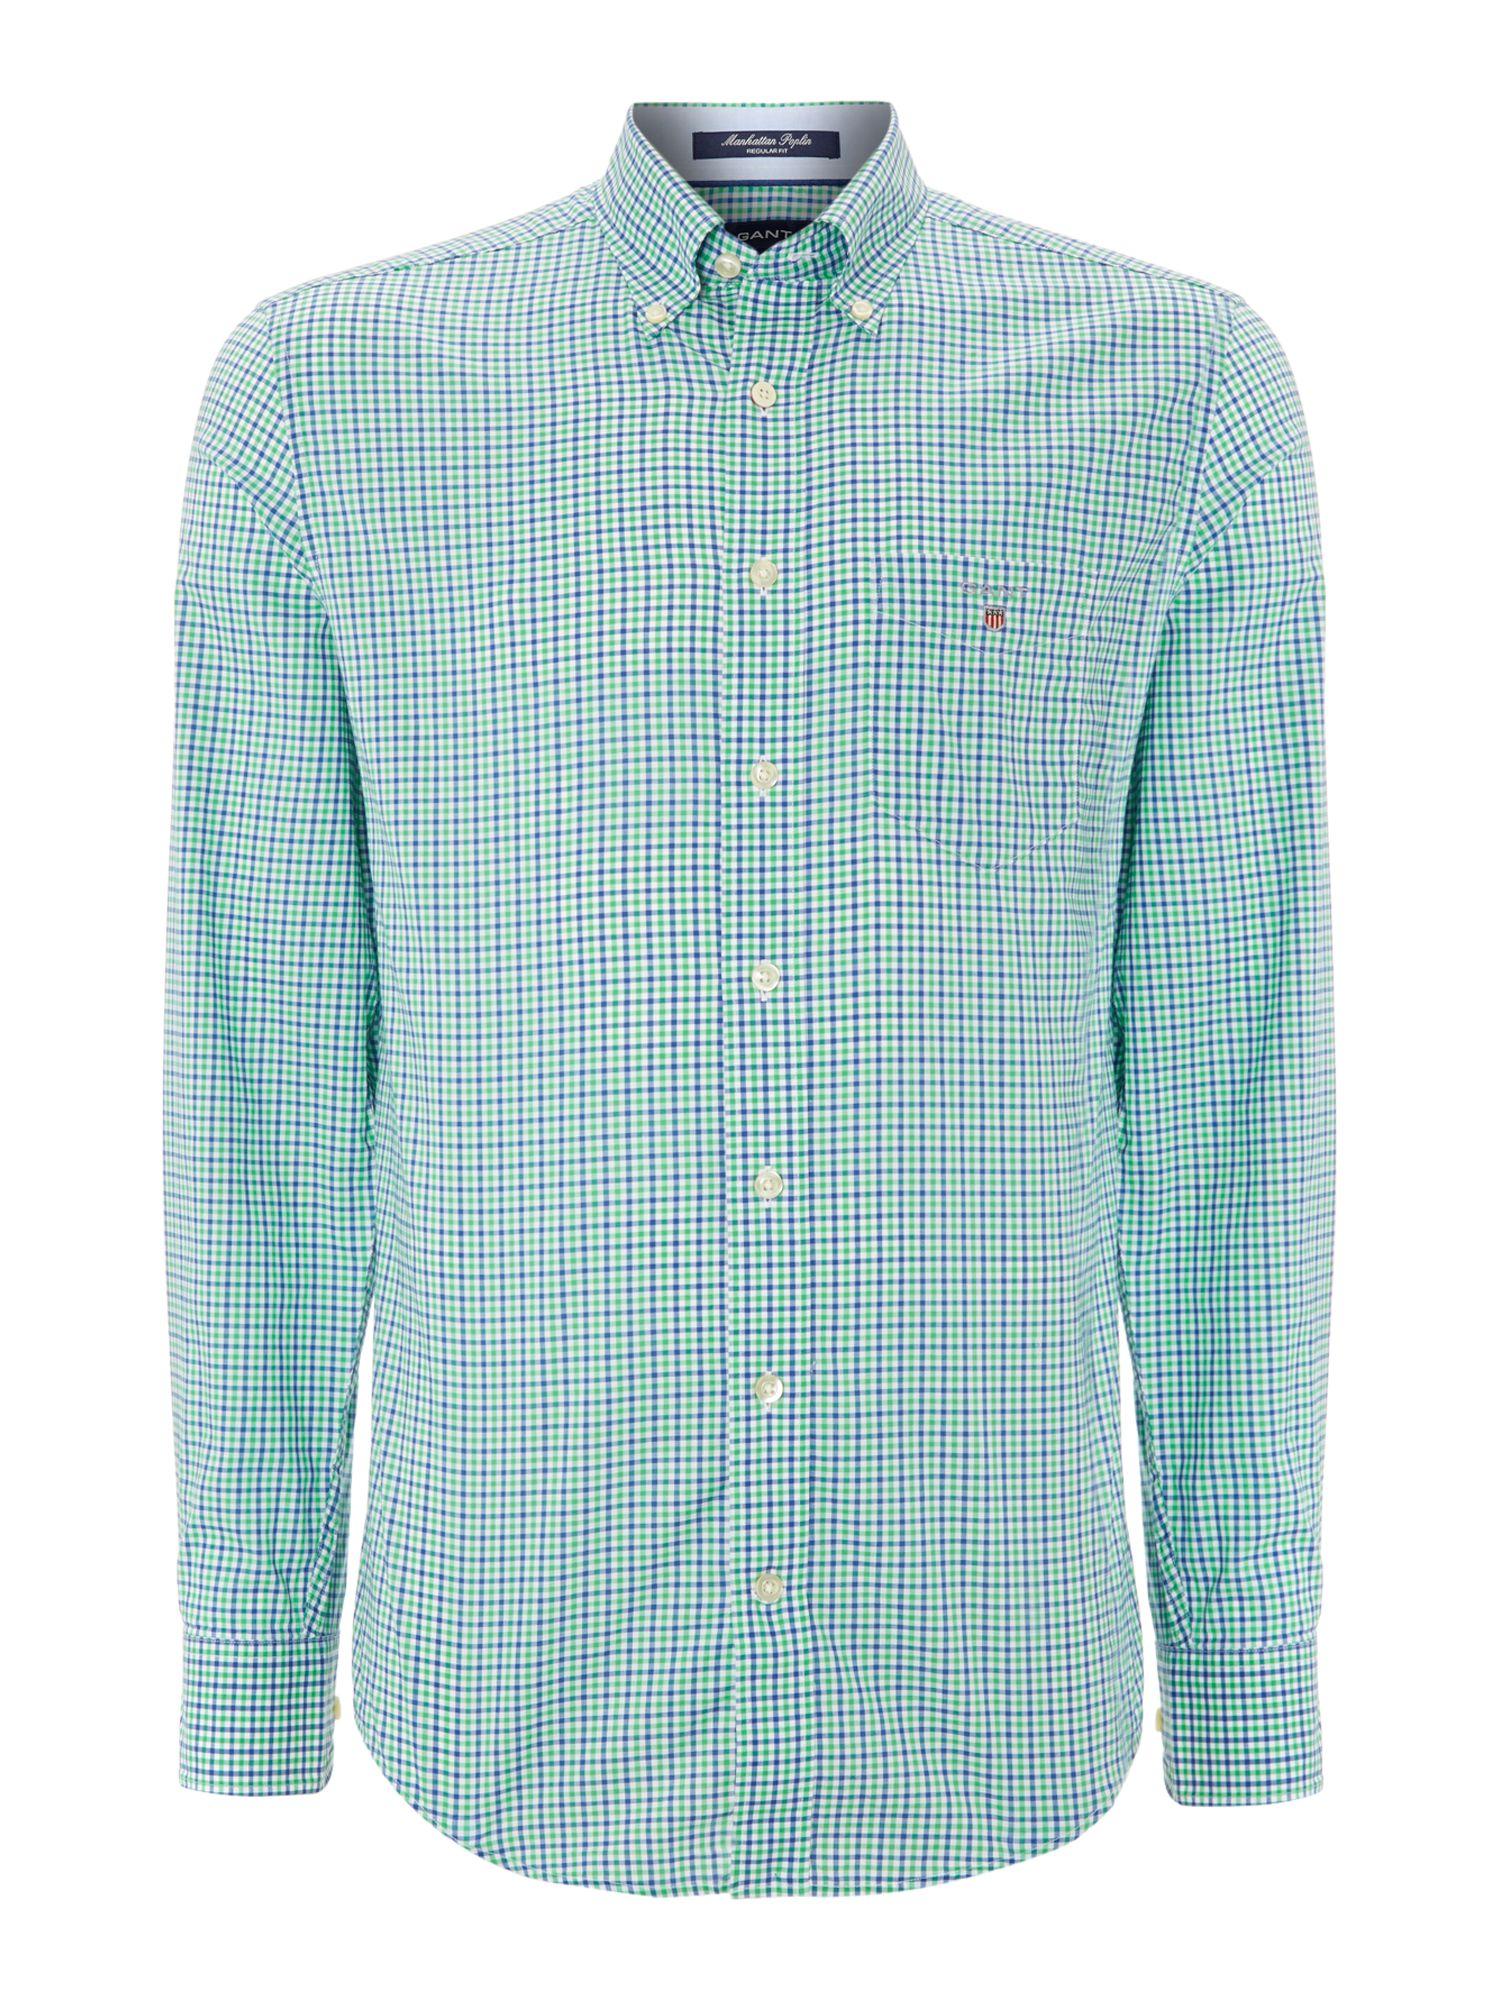 Gant Long Sleeve Gingham Shirt In Green For Men Lyst